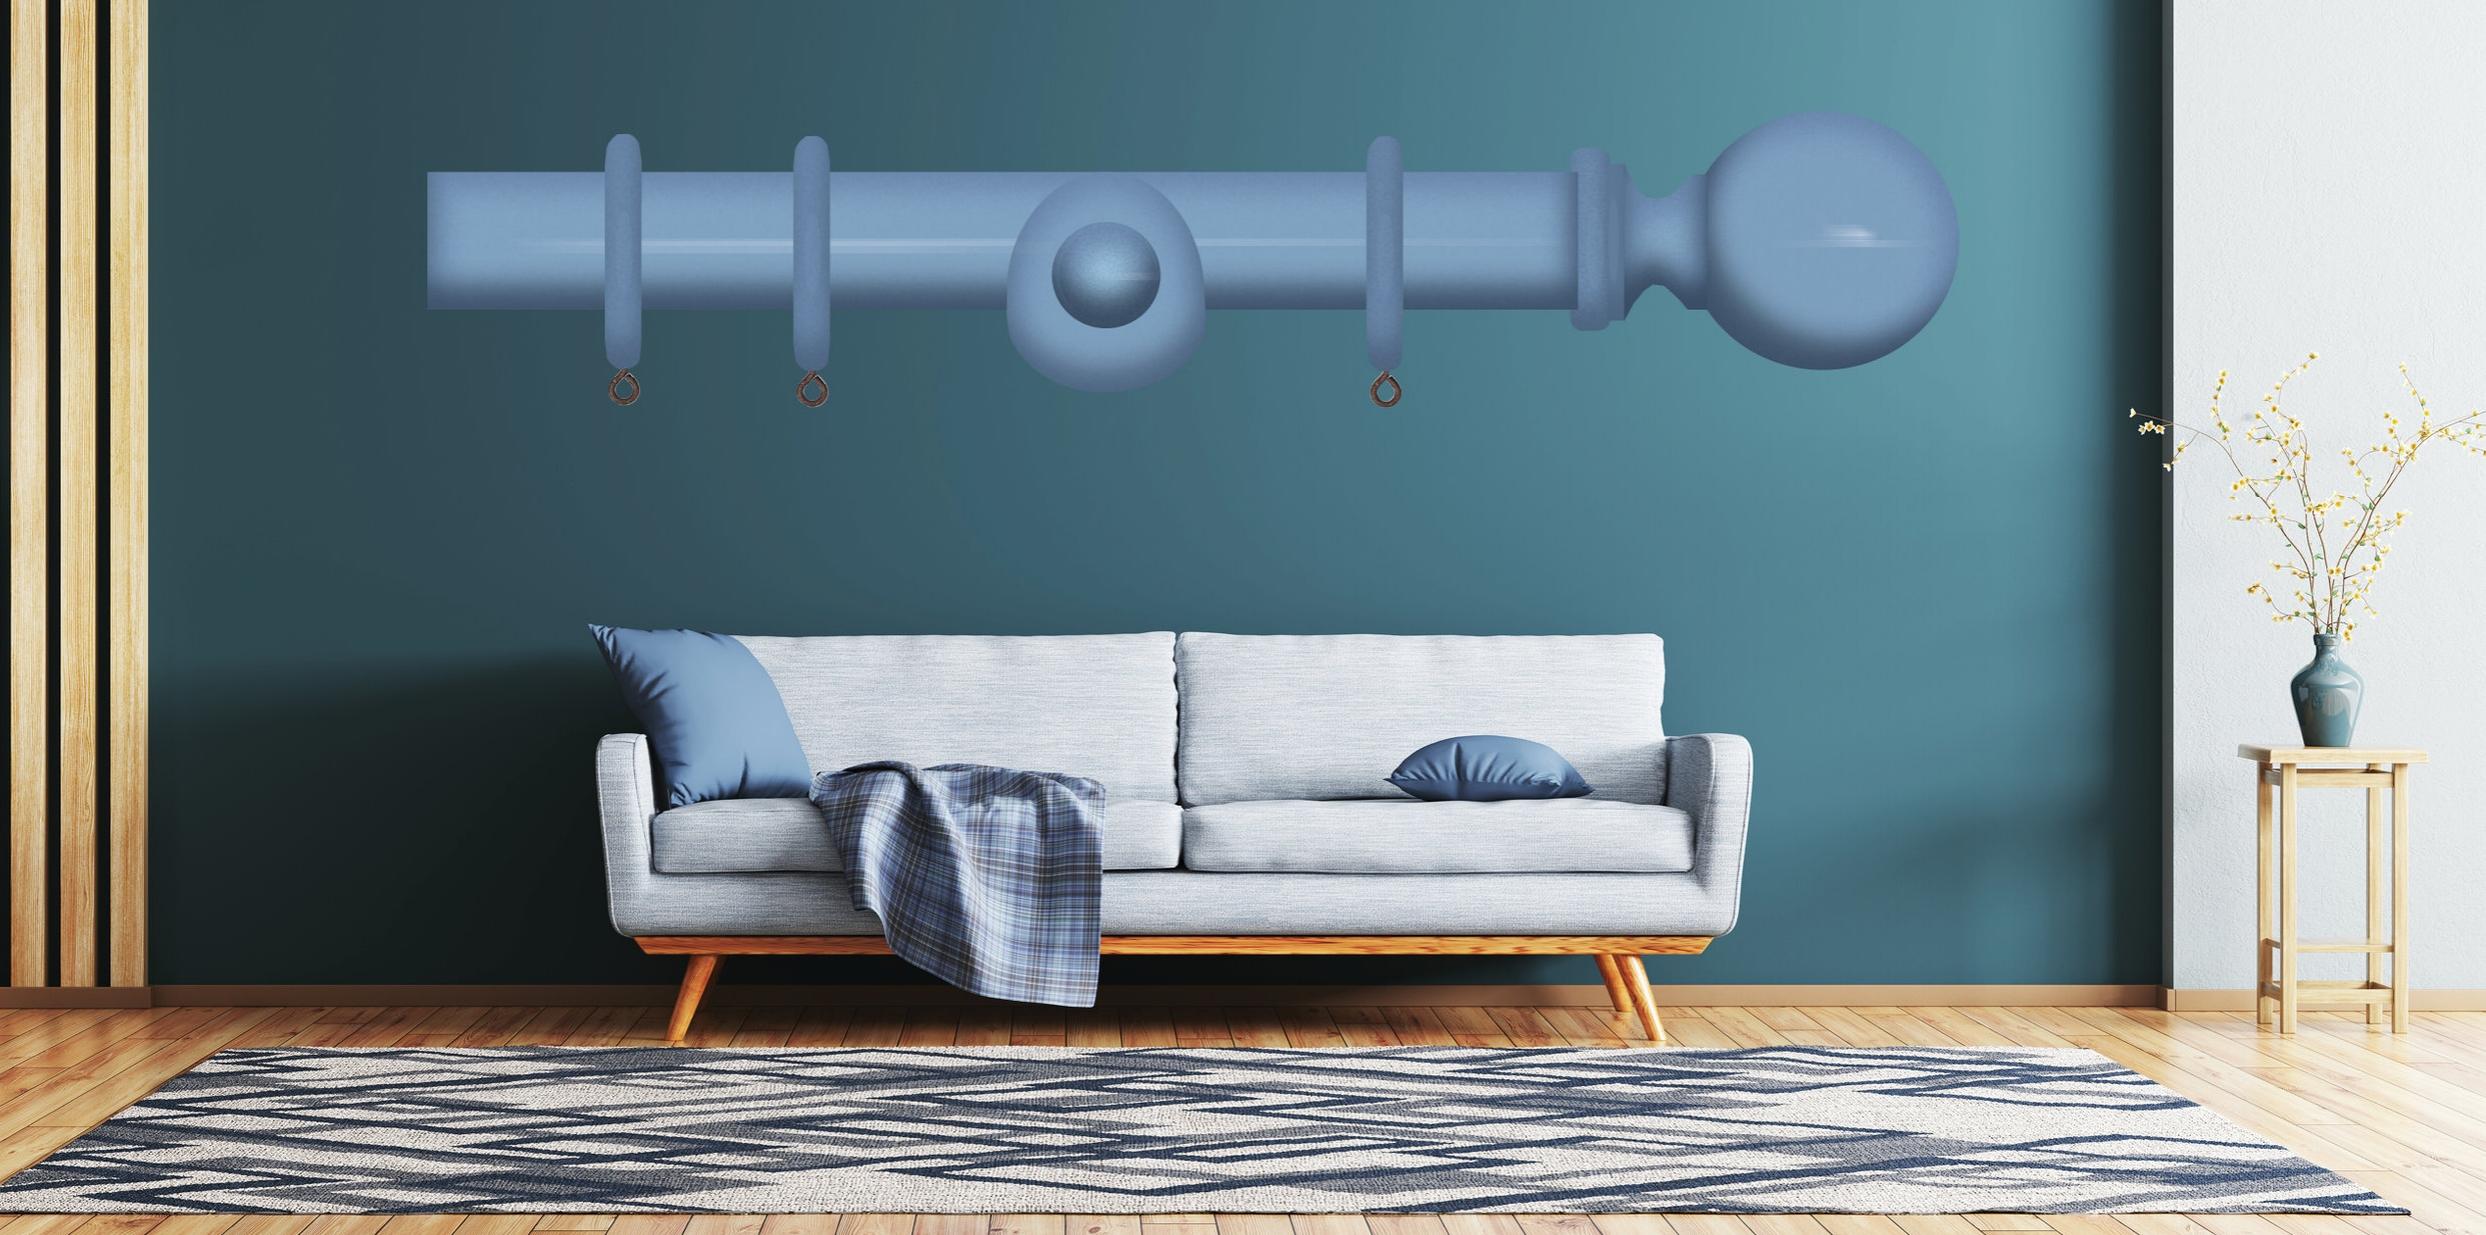 ø28 og ø35 gardinstenger i tre - Både i 28, 35 og 45mm kan vi tilby spesialmaling av vårt store utvalg i klassiske og tidløse gardinstenger. Her finner du et stort utvalg i endedekor som passer alle stilarter og du kan velge den fargen som passer nøyaktig for å matche detaljer i interiøret.